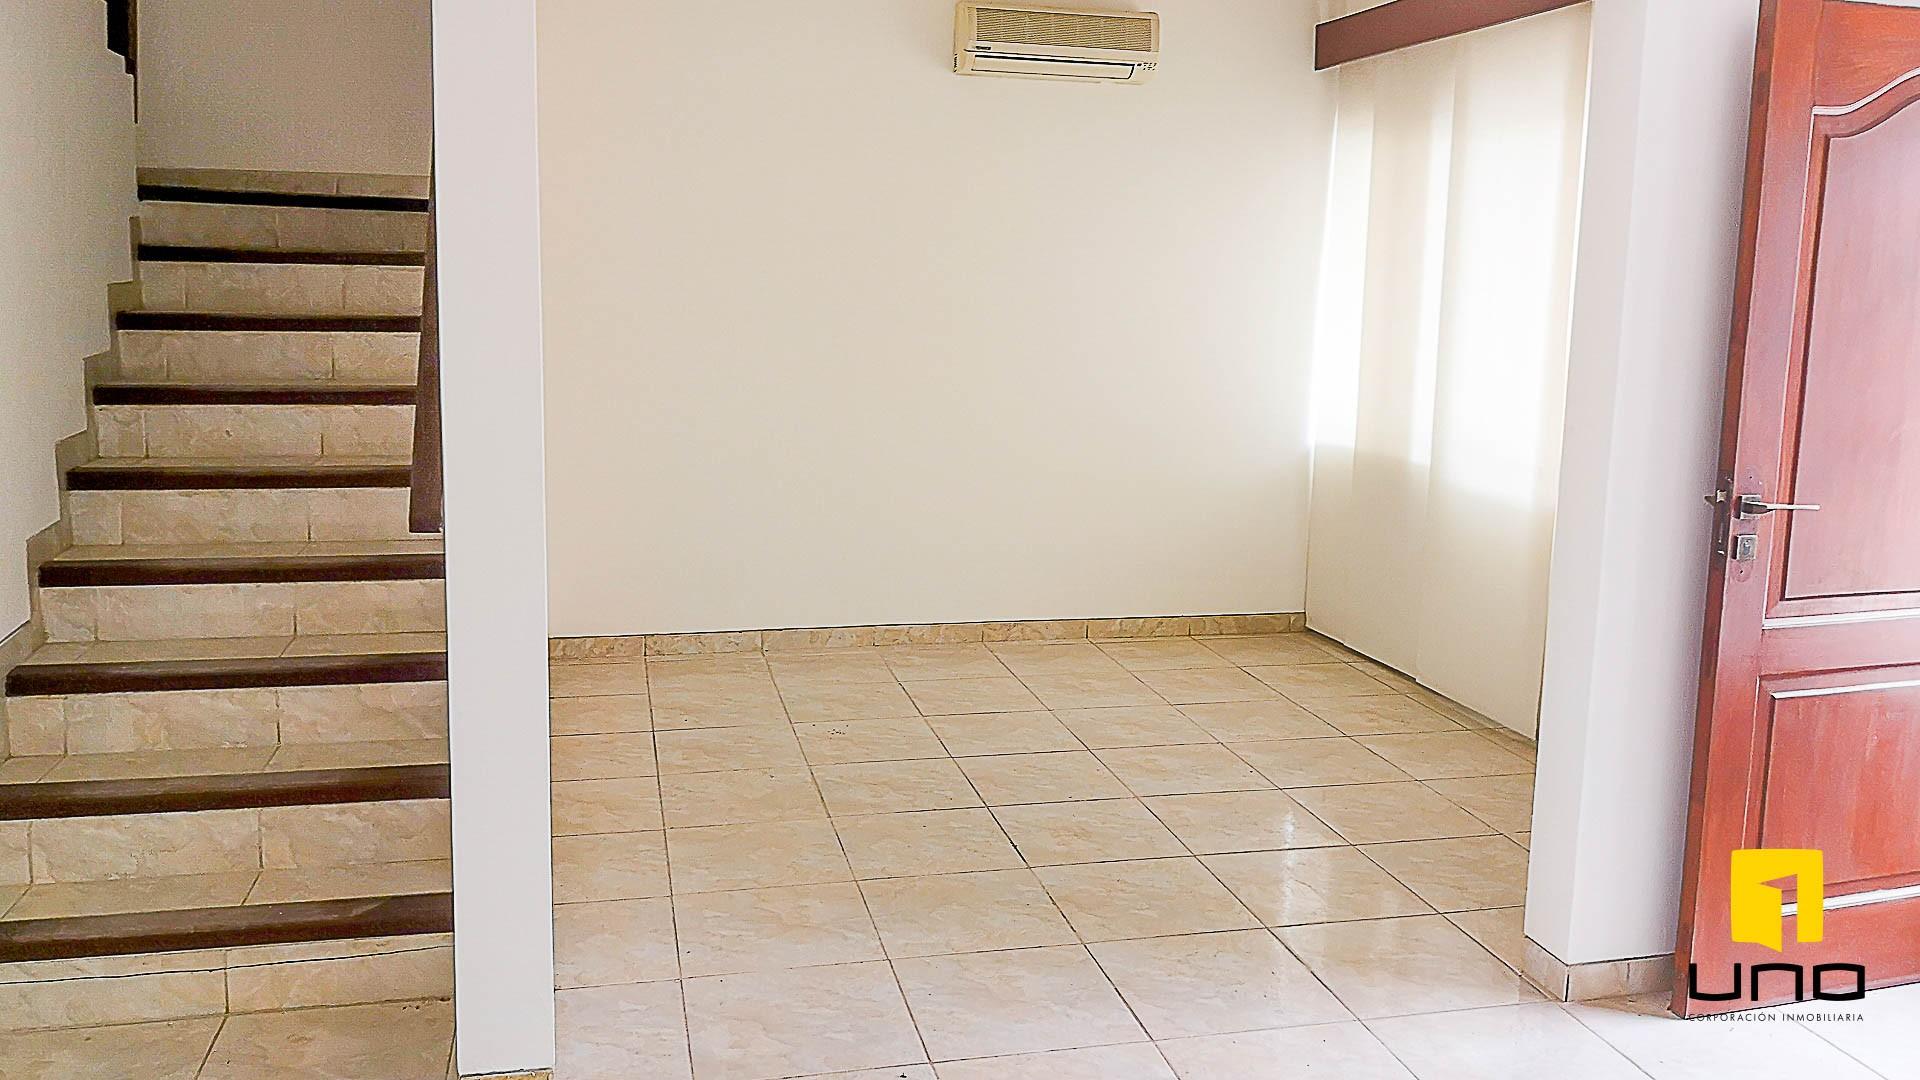 Casa en Venta $us 150.000 VENDO CASA AV ALEMANA DENTRO 3ER ANILLO TIPO DUPLEX Foto 12